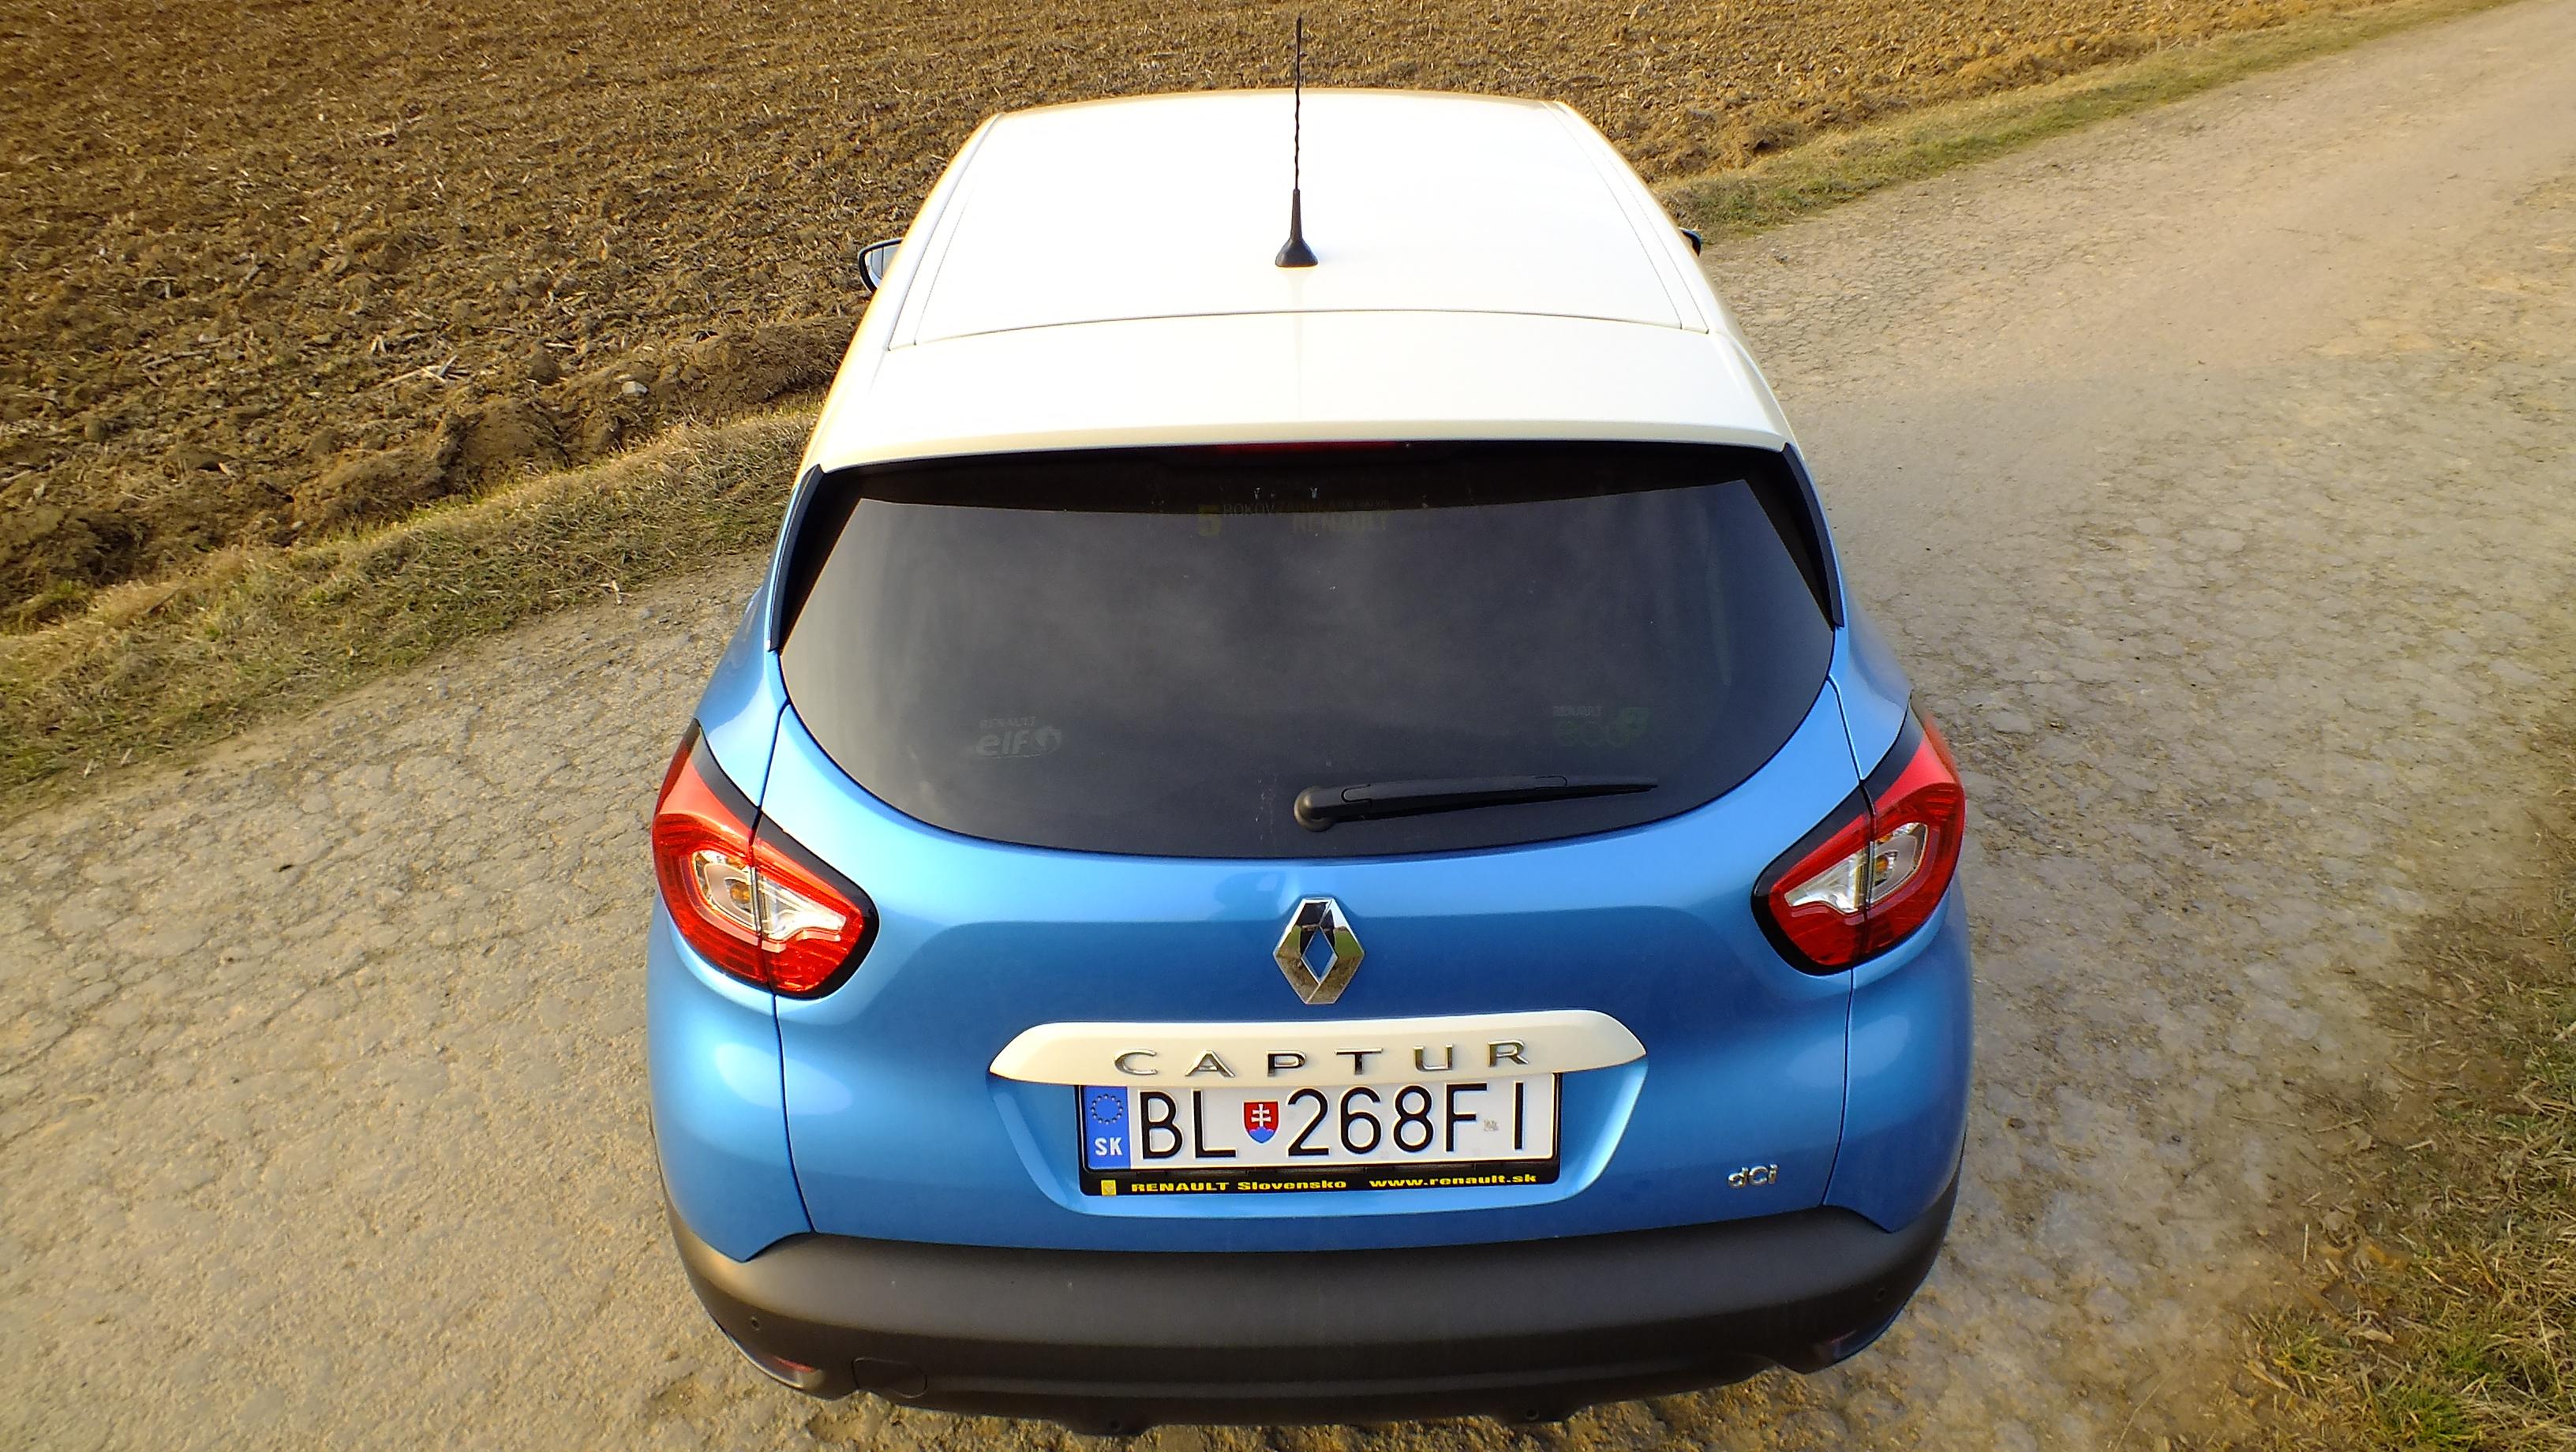 Renault Captur 1,5 dCi 66 kW